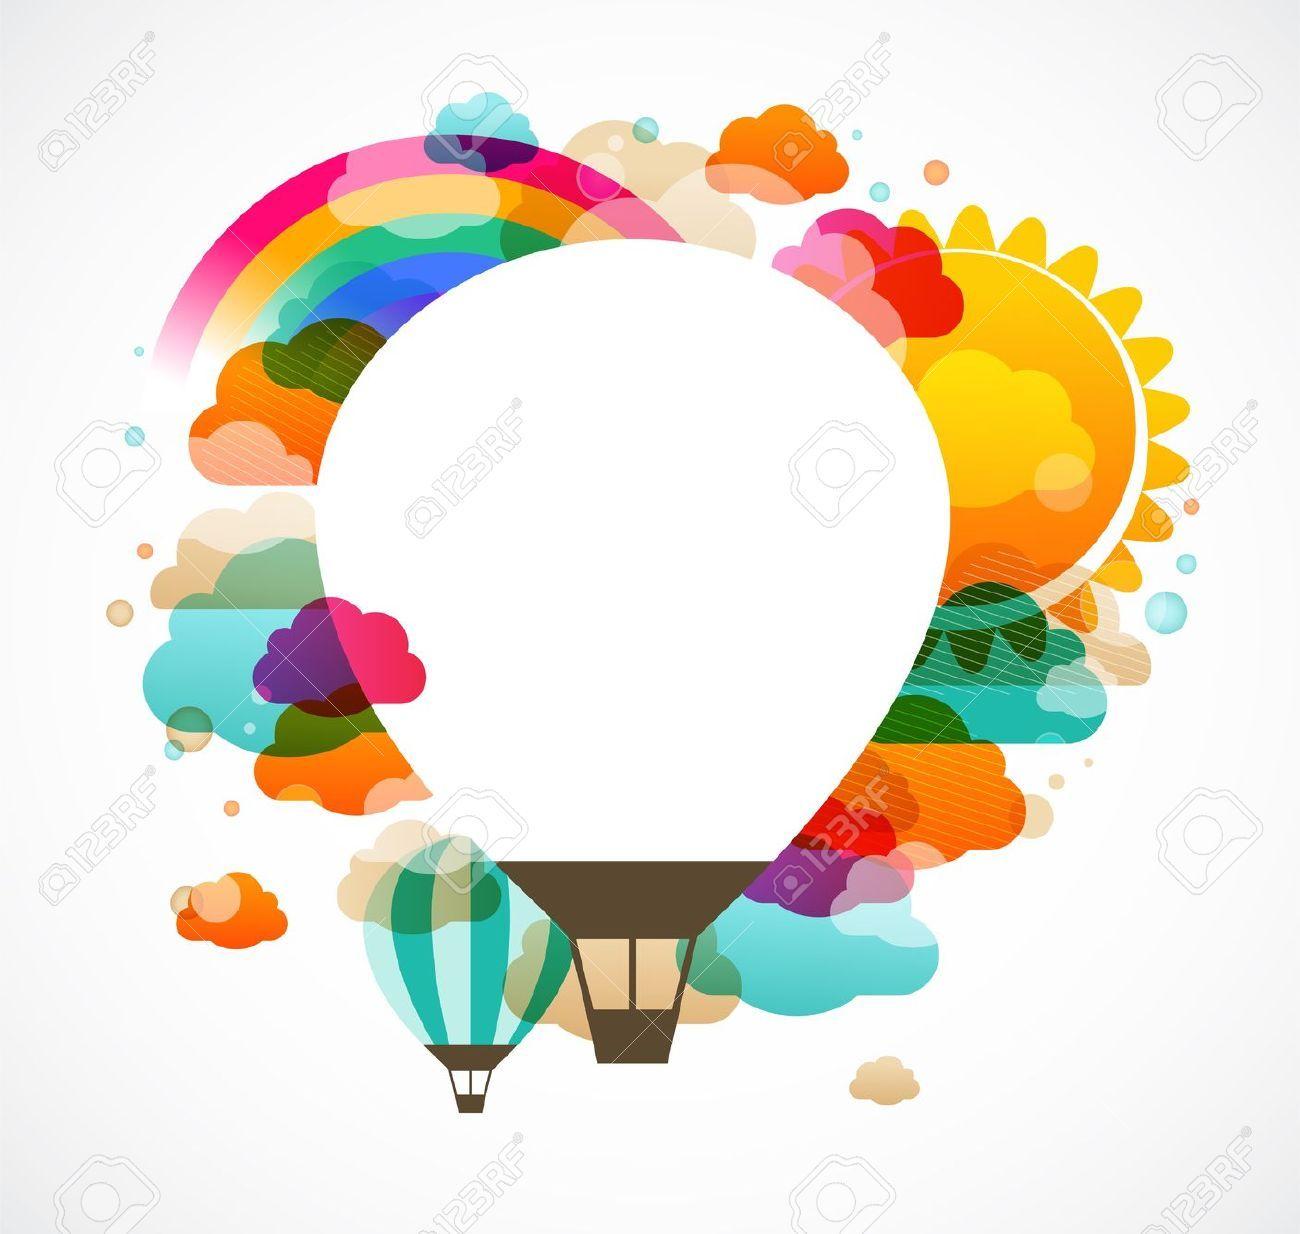 globos aerostaticos - Buscar con Google | Taumatropo | Pinterest ...